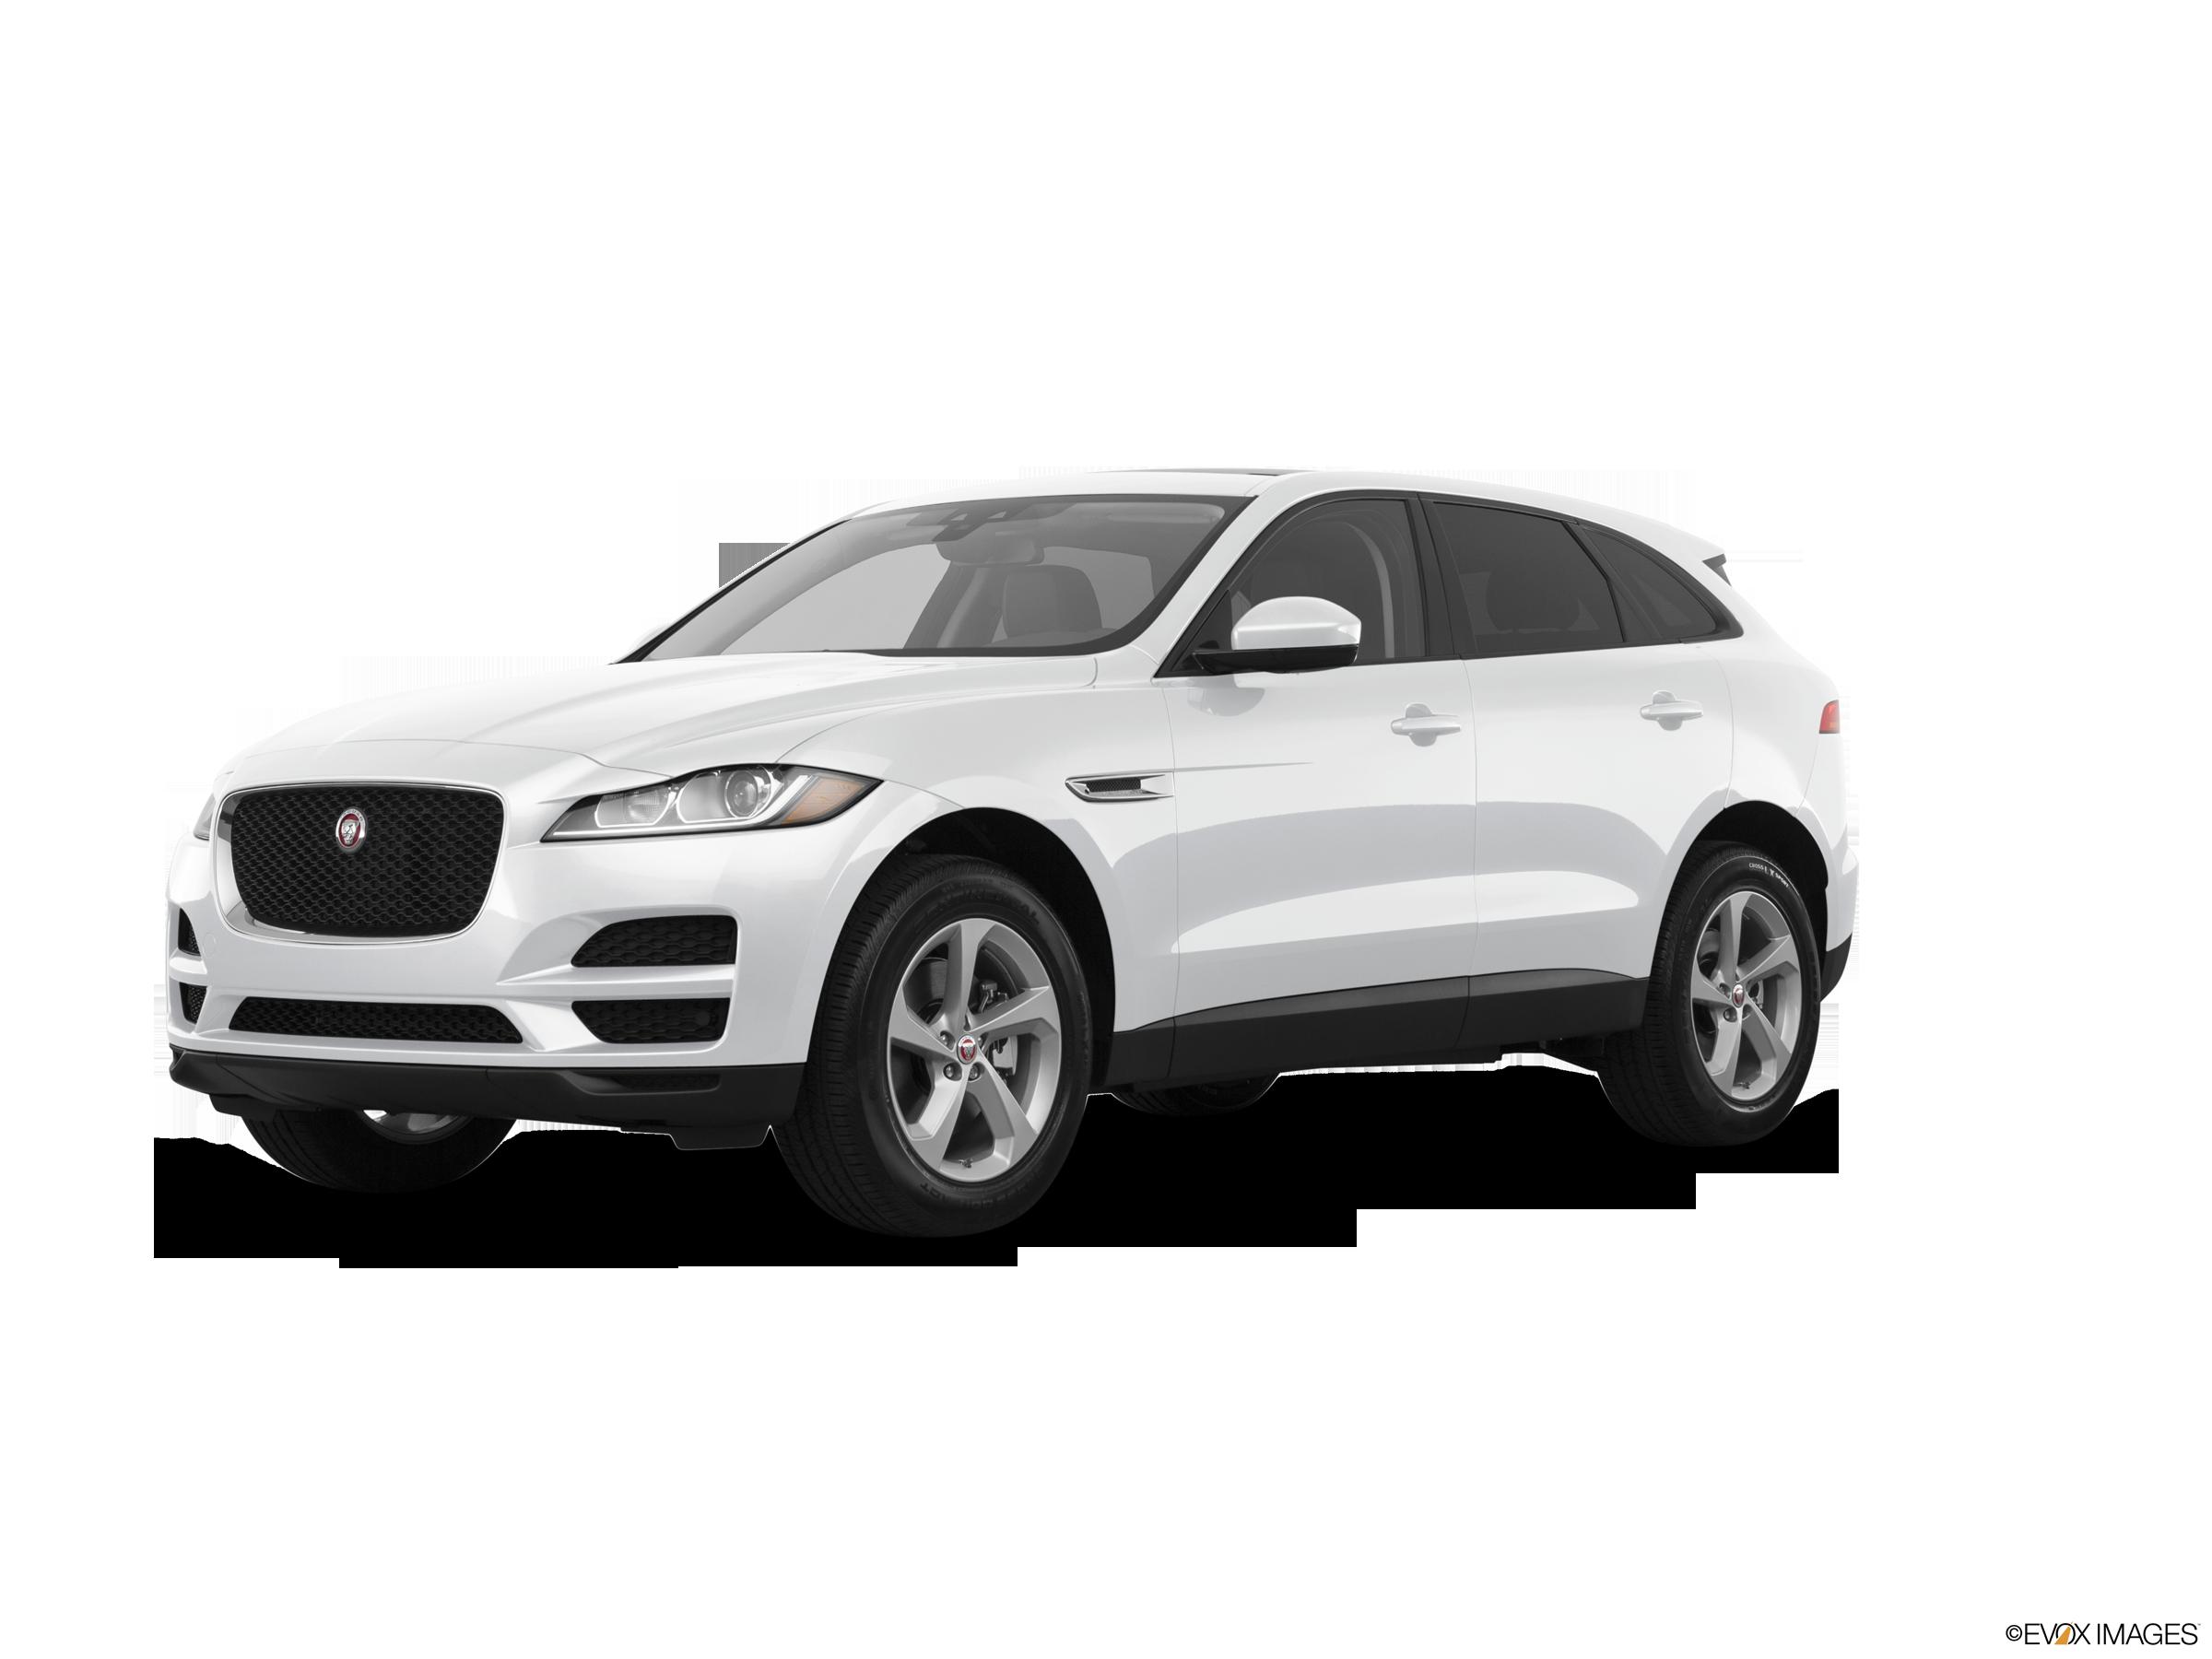 2017 Jaguar F Pace Values Cars For Sale Kelley Blue Book